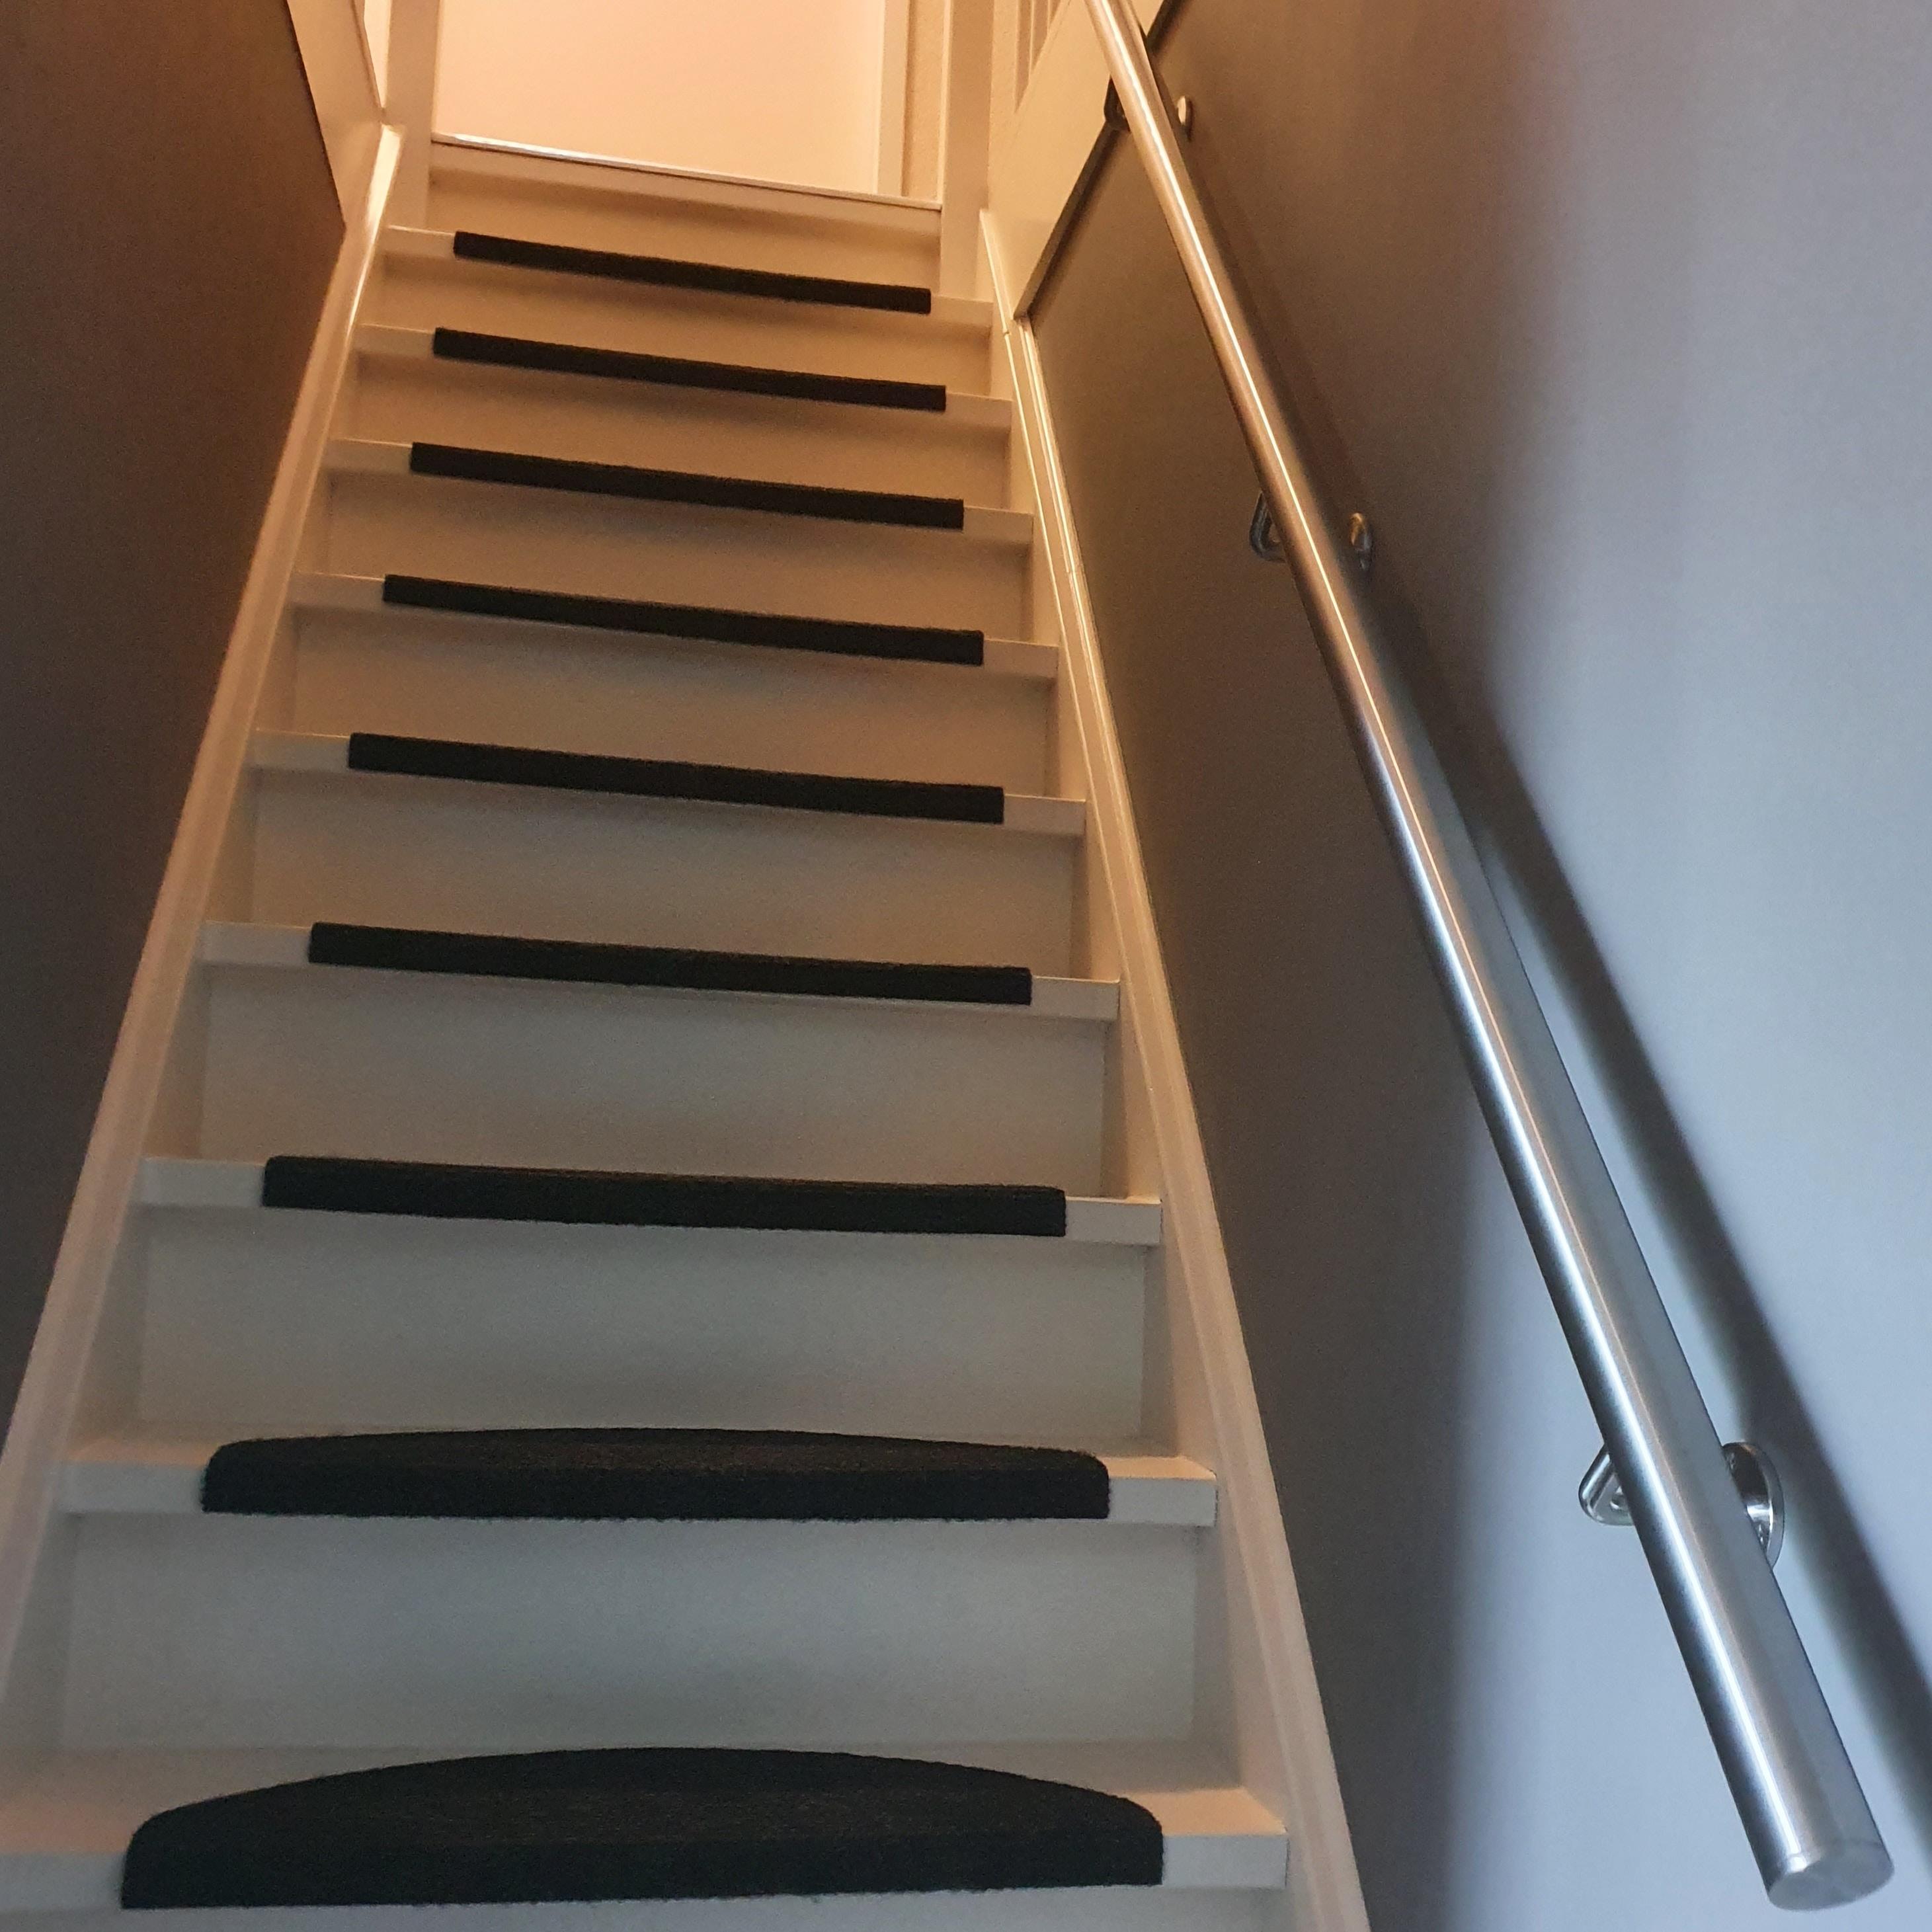 Handlauf Edelstahl rund gebürstet Modell 1 - Variabel - Runde Edelstahl Treppengeländer - Treppenhandlauf